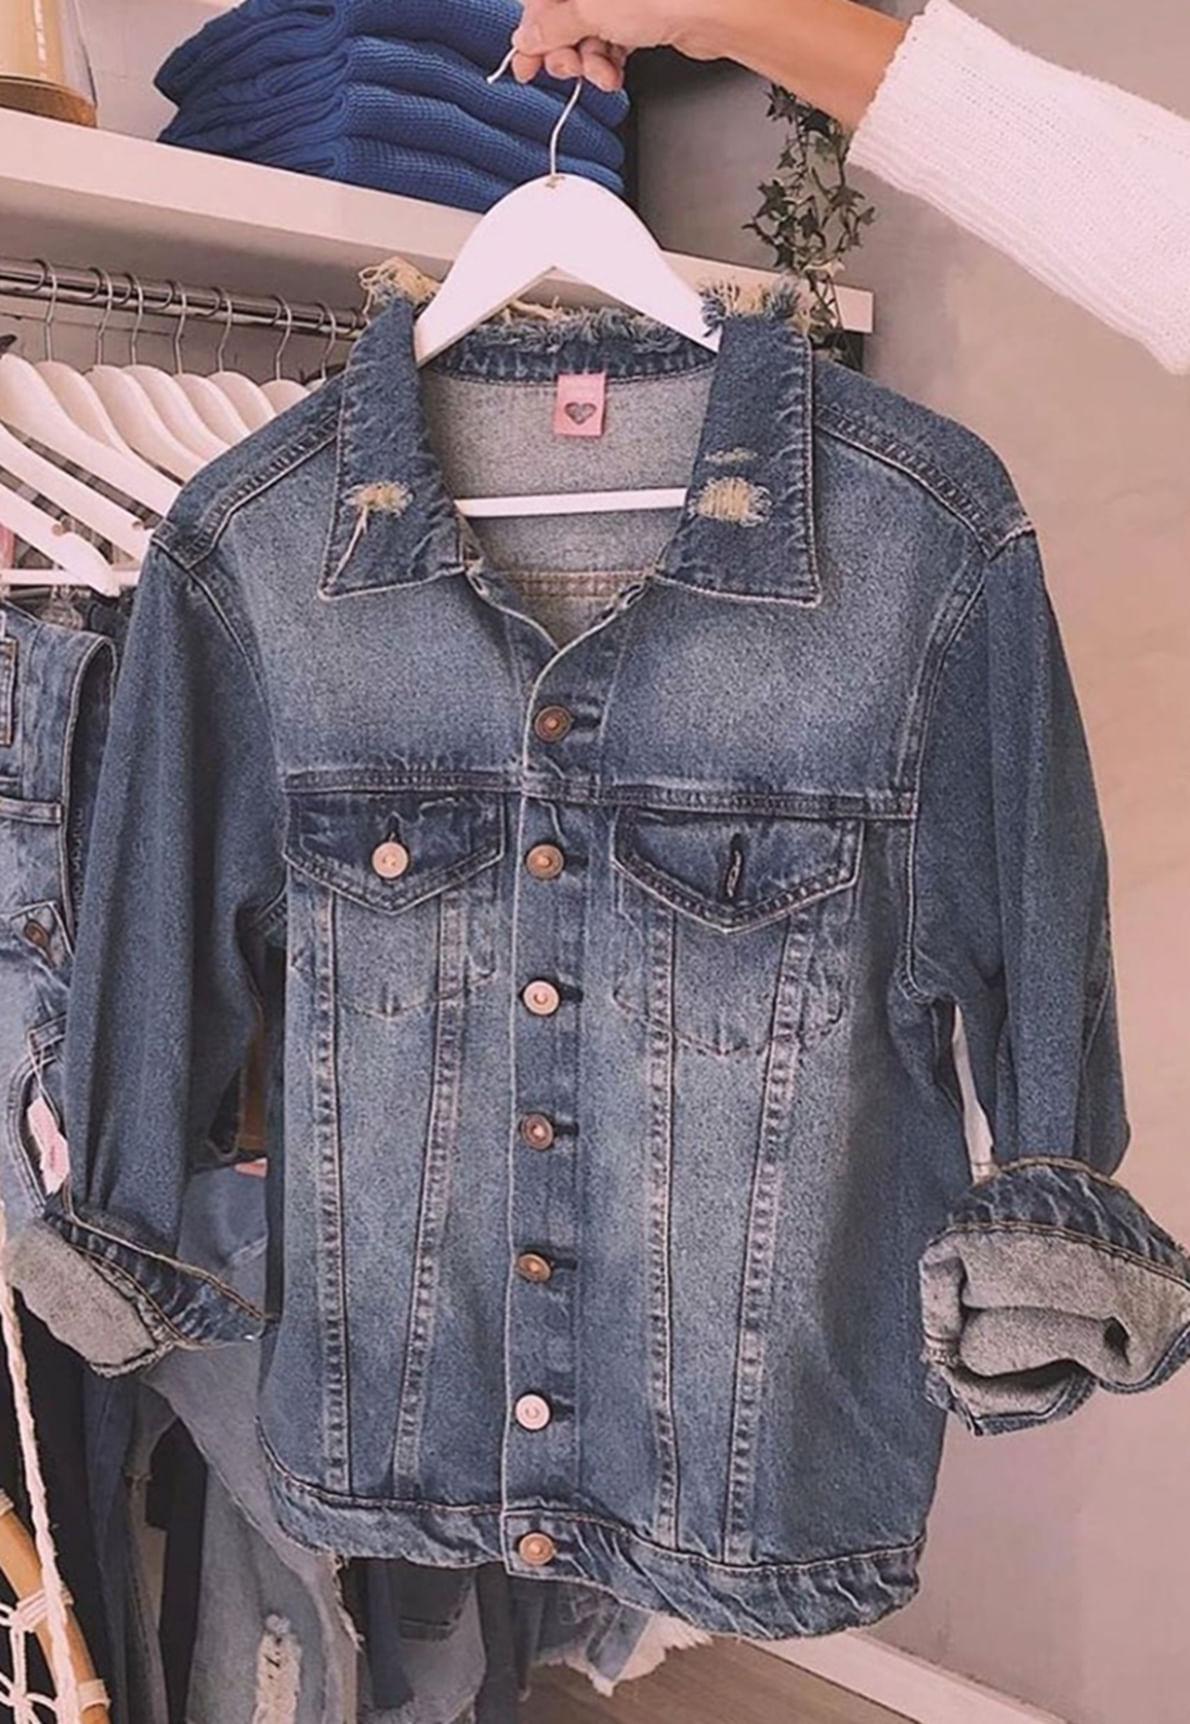 26706-jaqueta-jeans-orversized-loren-mundo-lolita-02